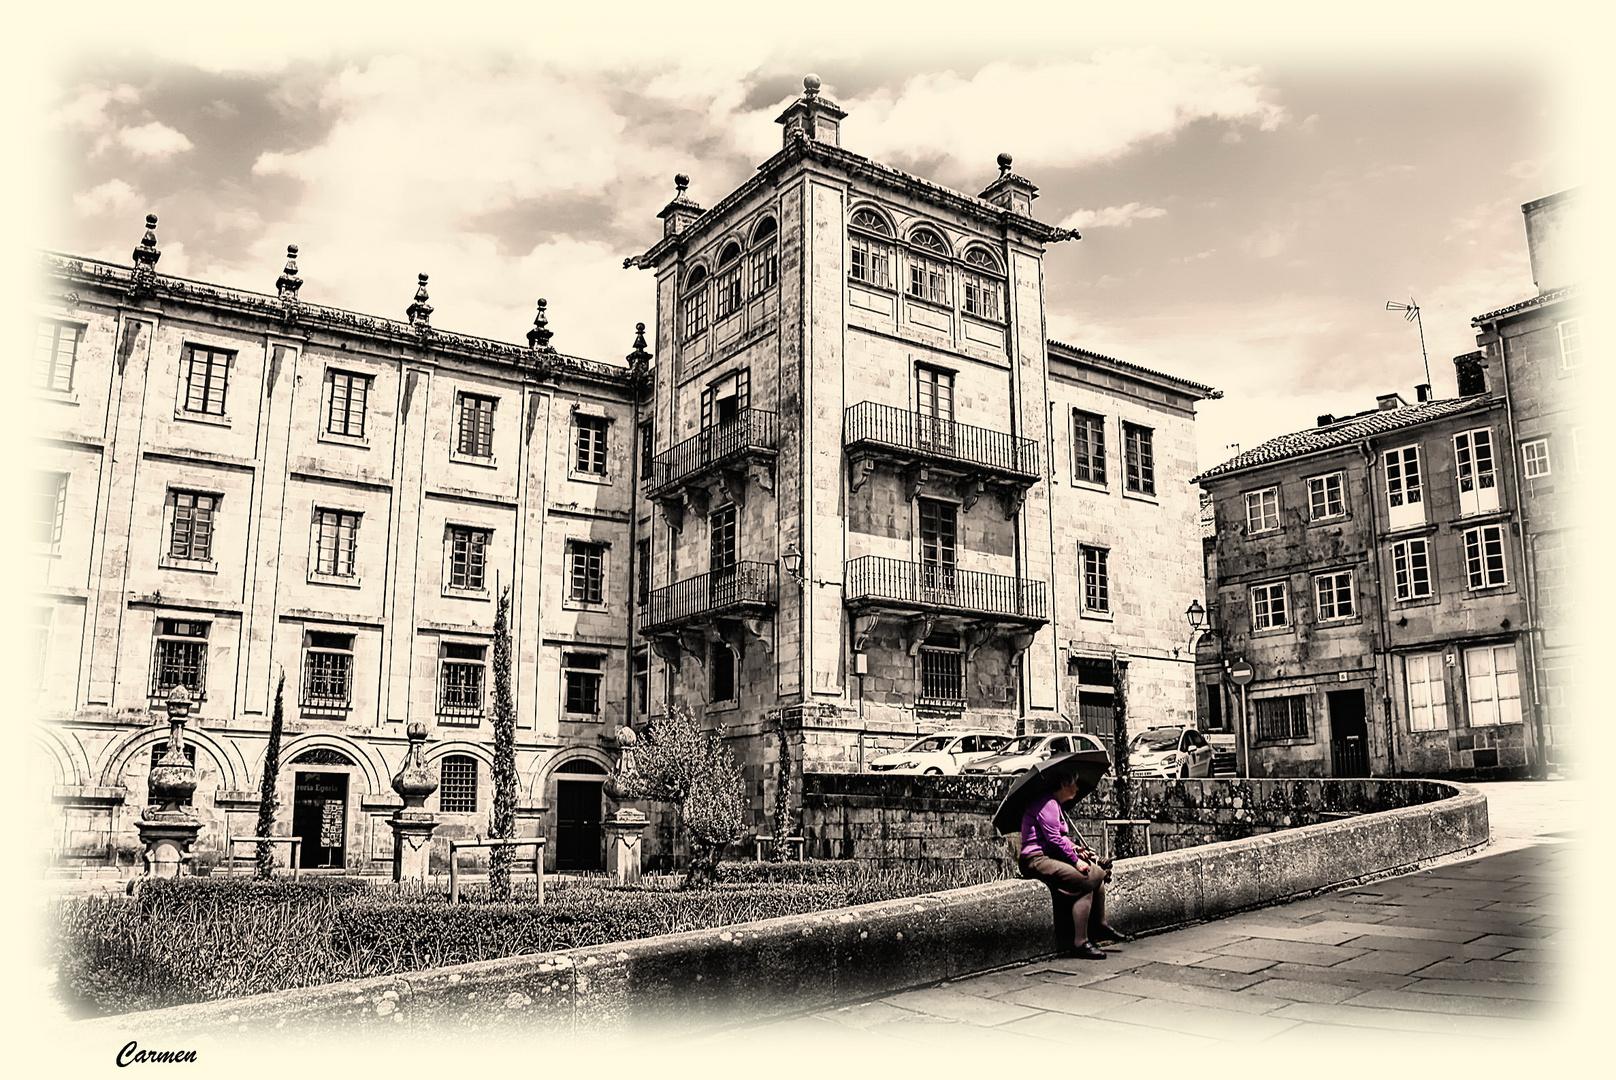 Santiago, esa bella ciudad...